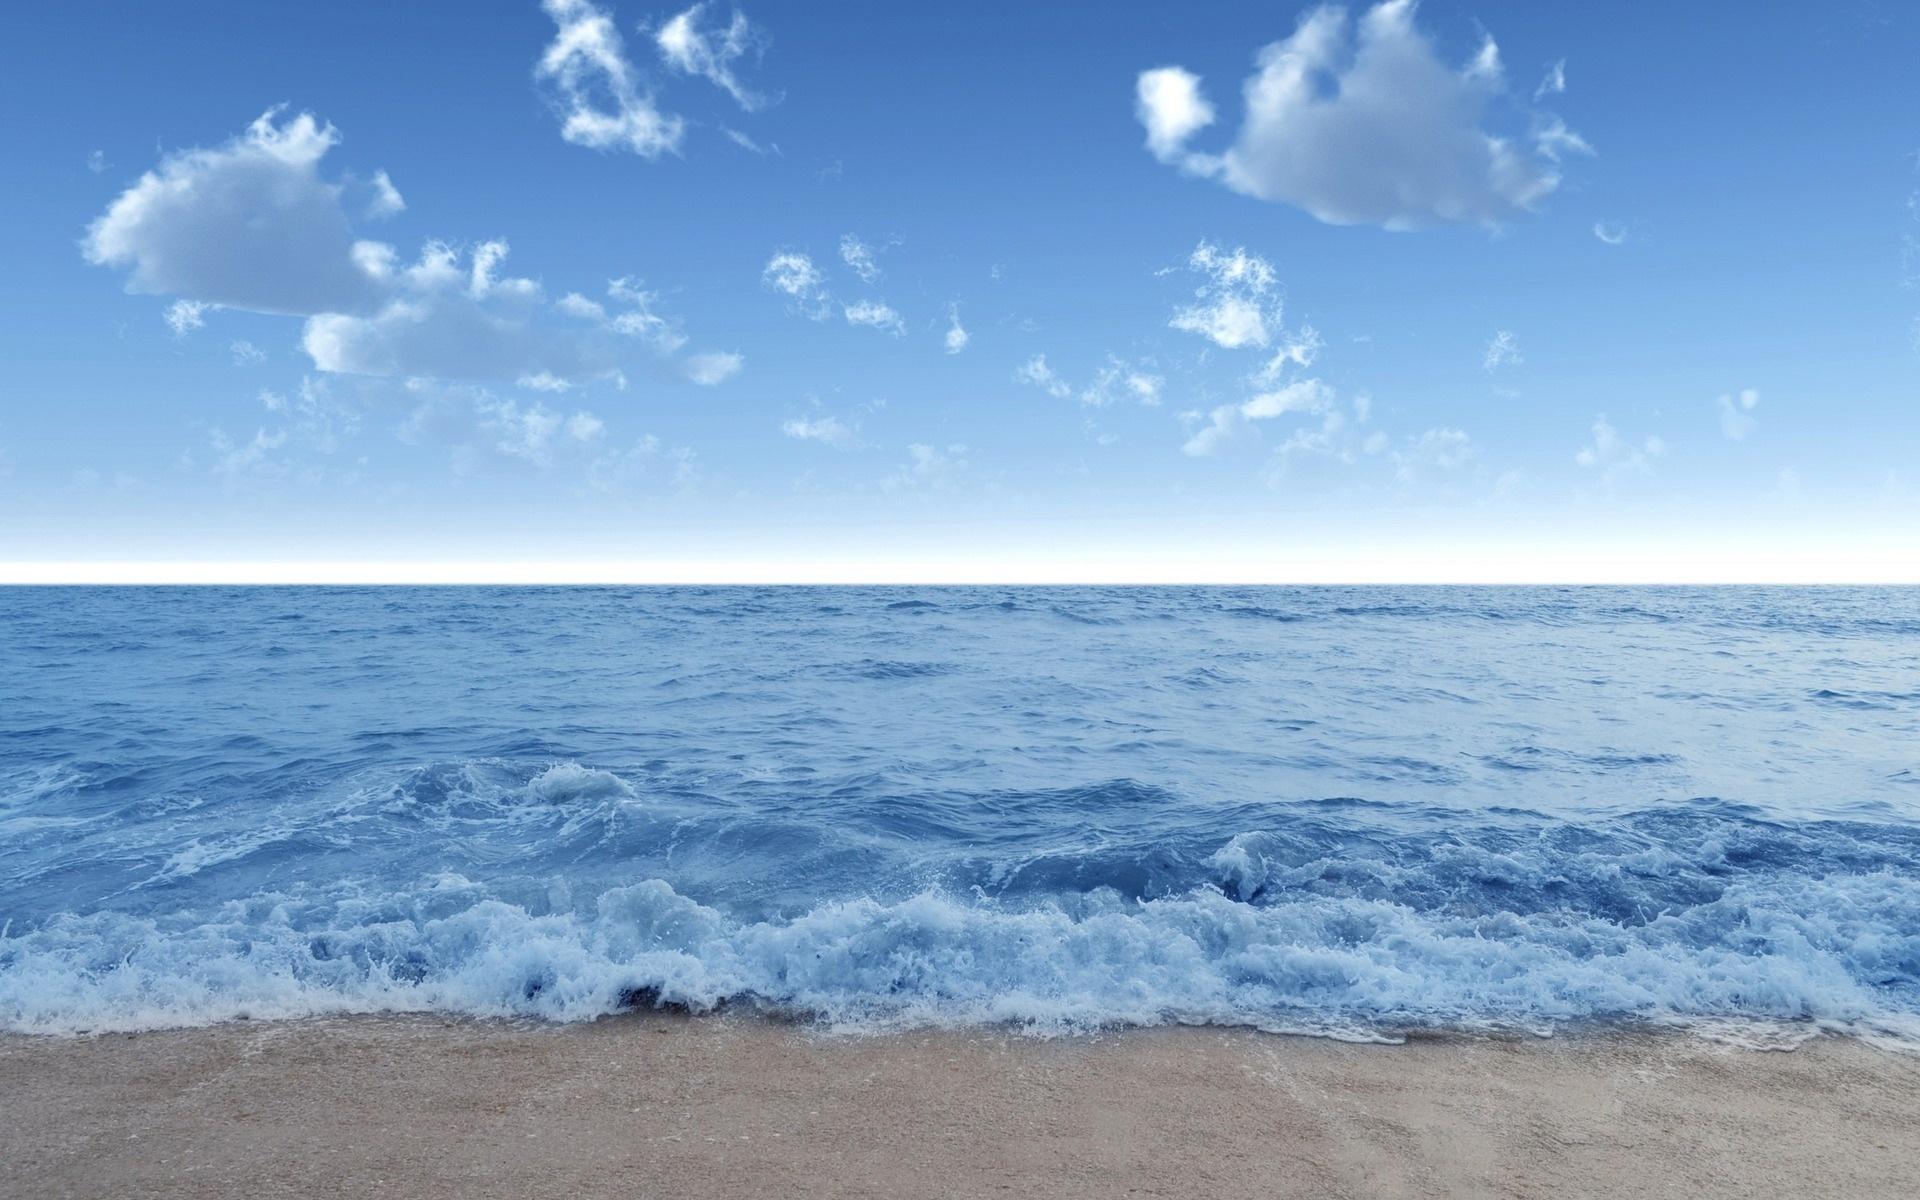 Beach Waves Wallpapers For Desktop Beach Waves: Live Wallpaper Beach Wave